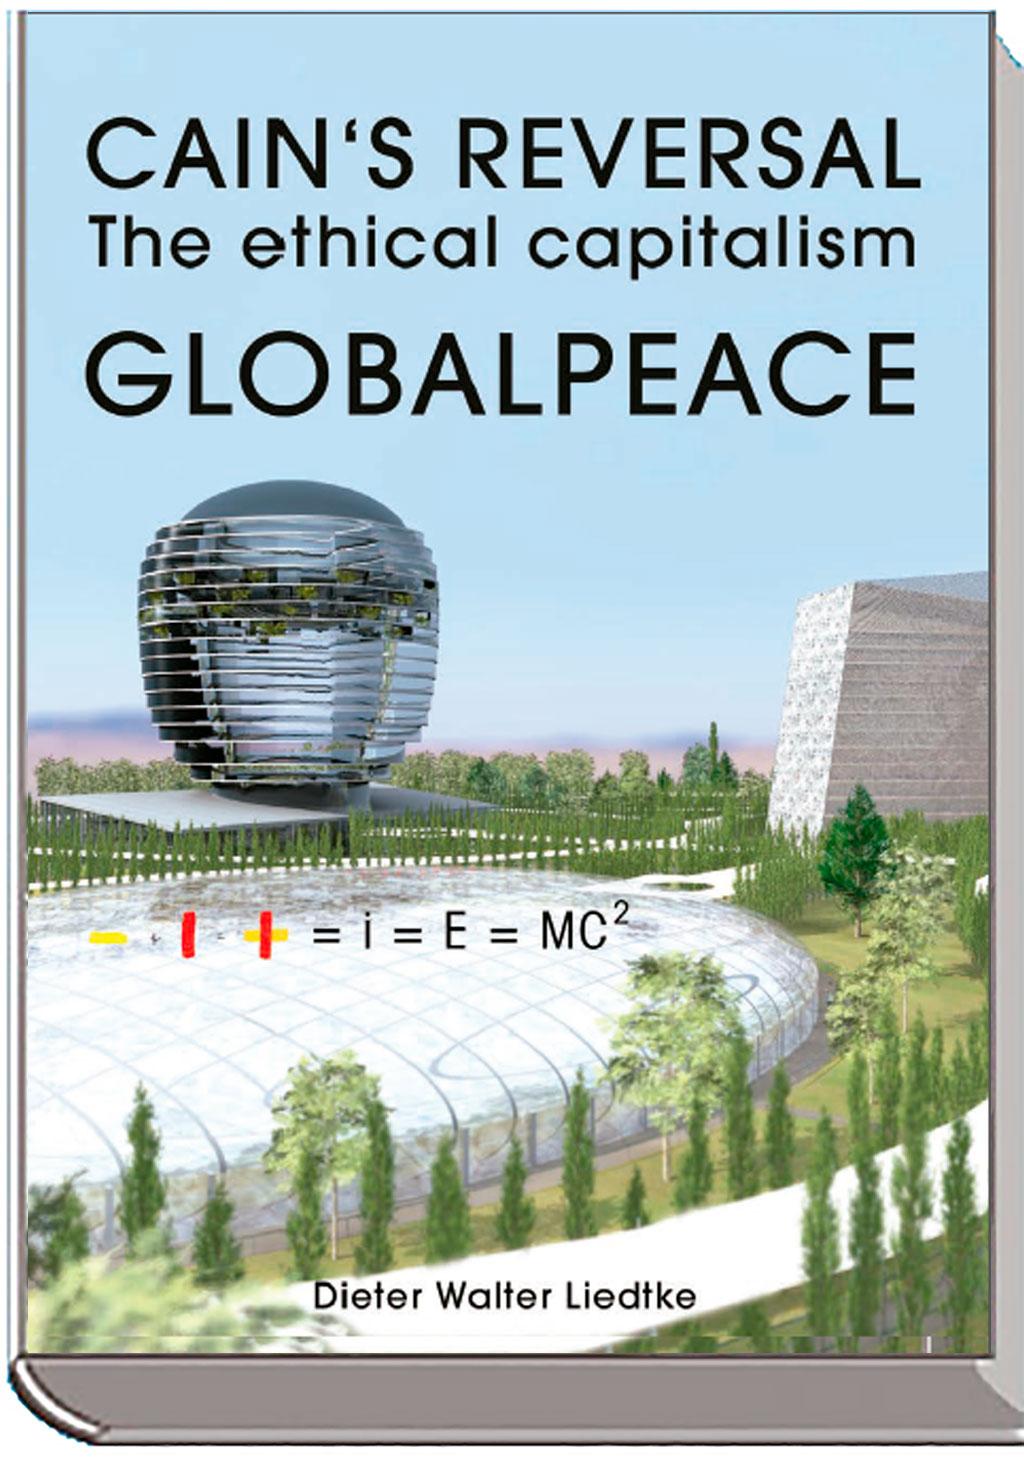 kains umkehr der ethische kapitalismus globalpeace